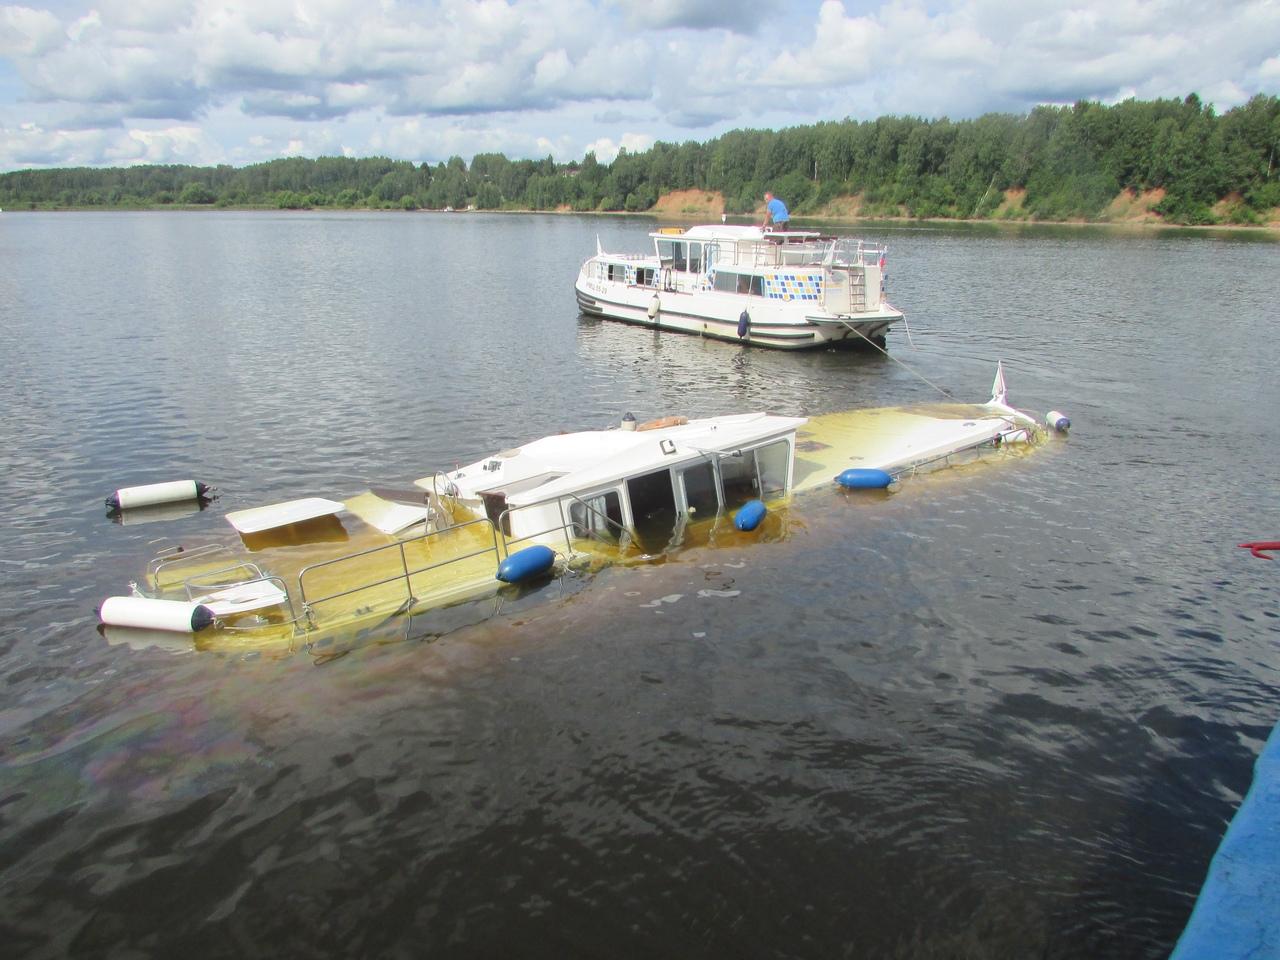 В Ярославской области туристический теплоход столкнулся с яхтой: одно из судов затонуло